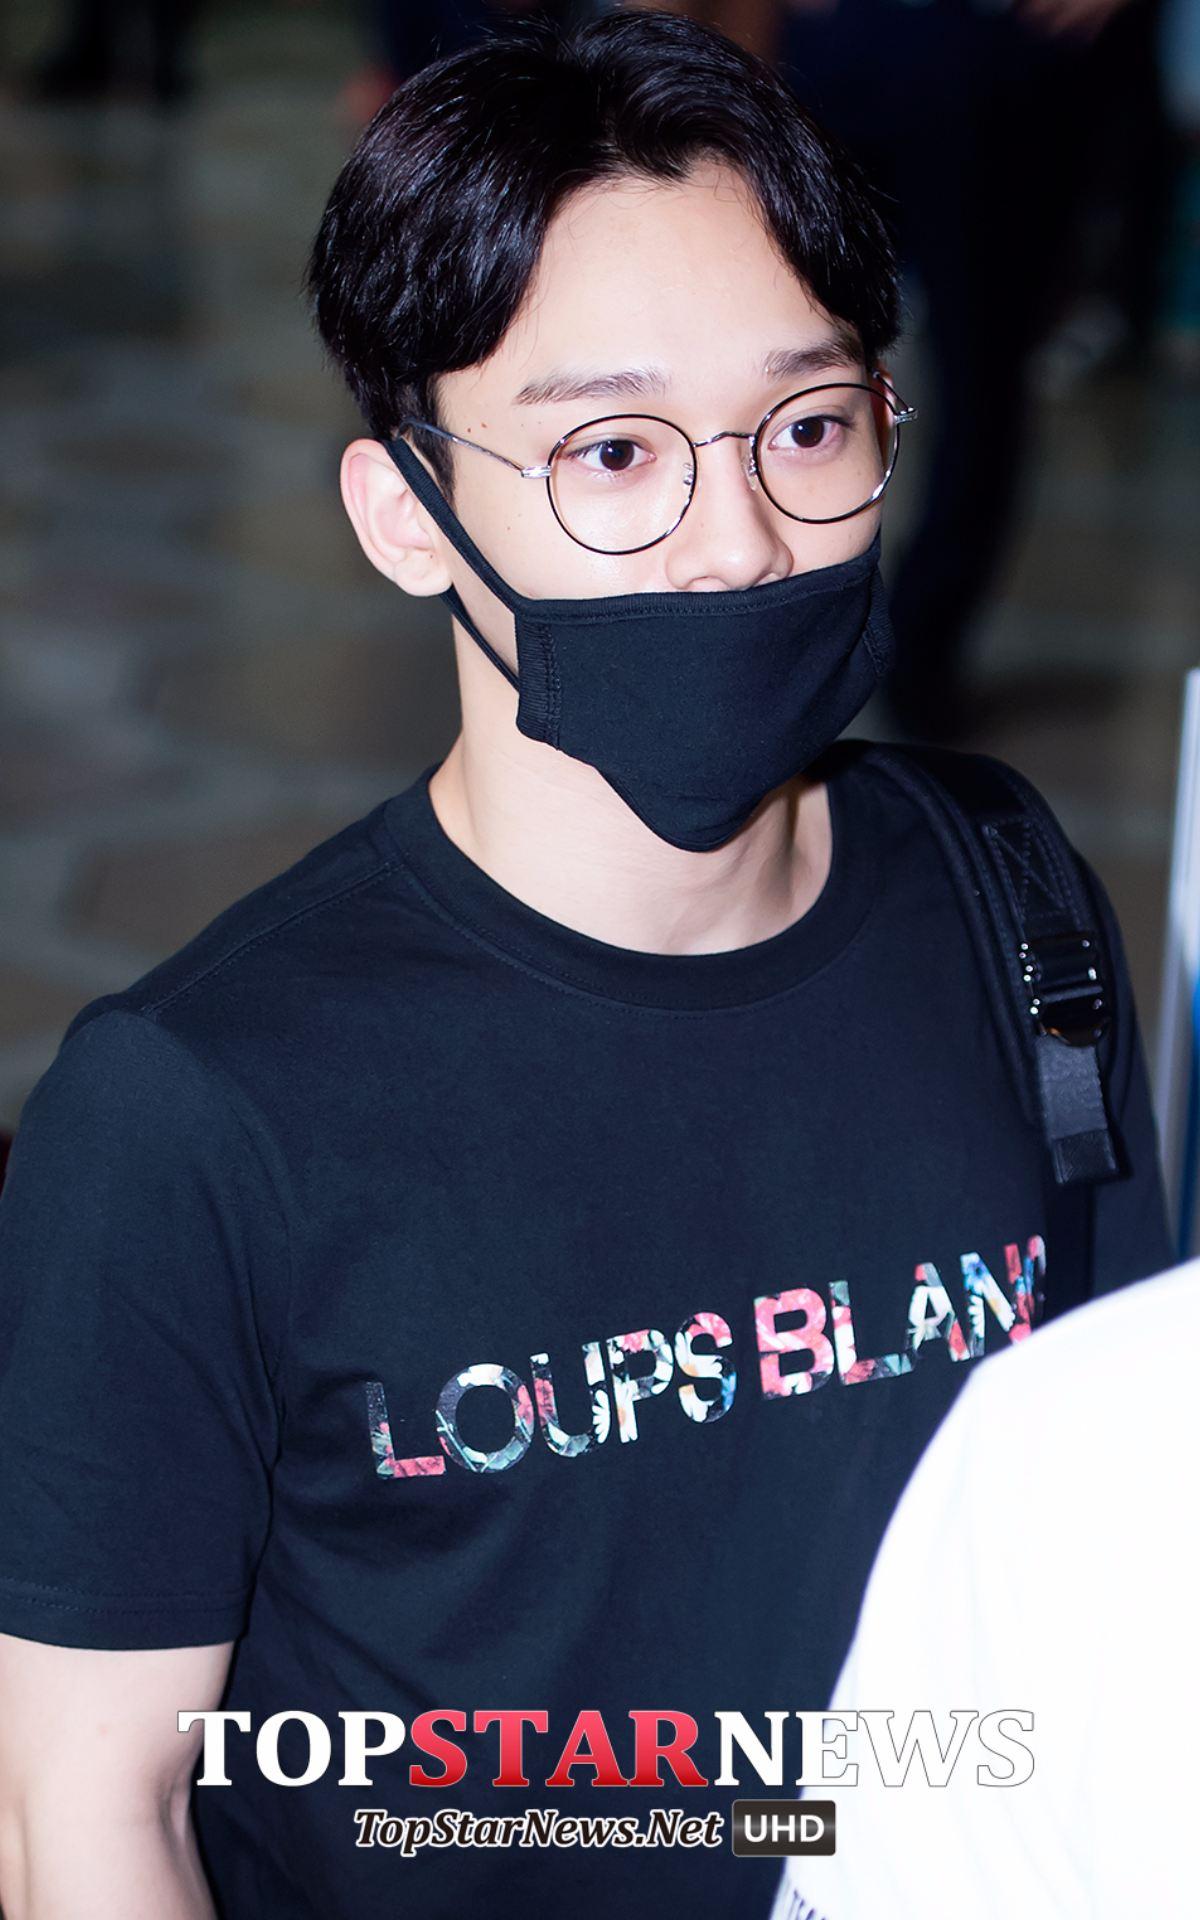 說到EXO,CHEN的這張真的太讓人驚艷了!雖然說記者的打光也是有點幫助,但是膚質真的太好了吧!而且沒有太多黑眼圈太羨慕!